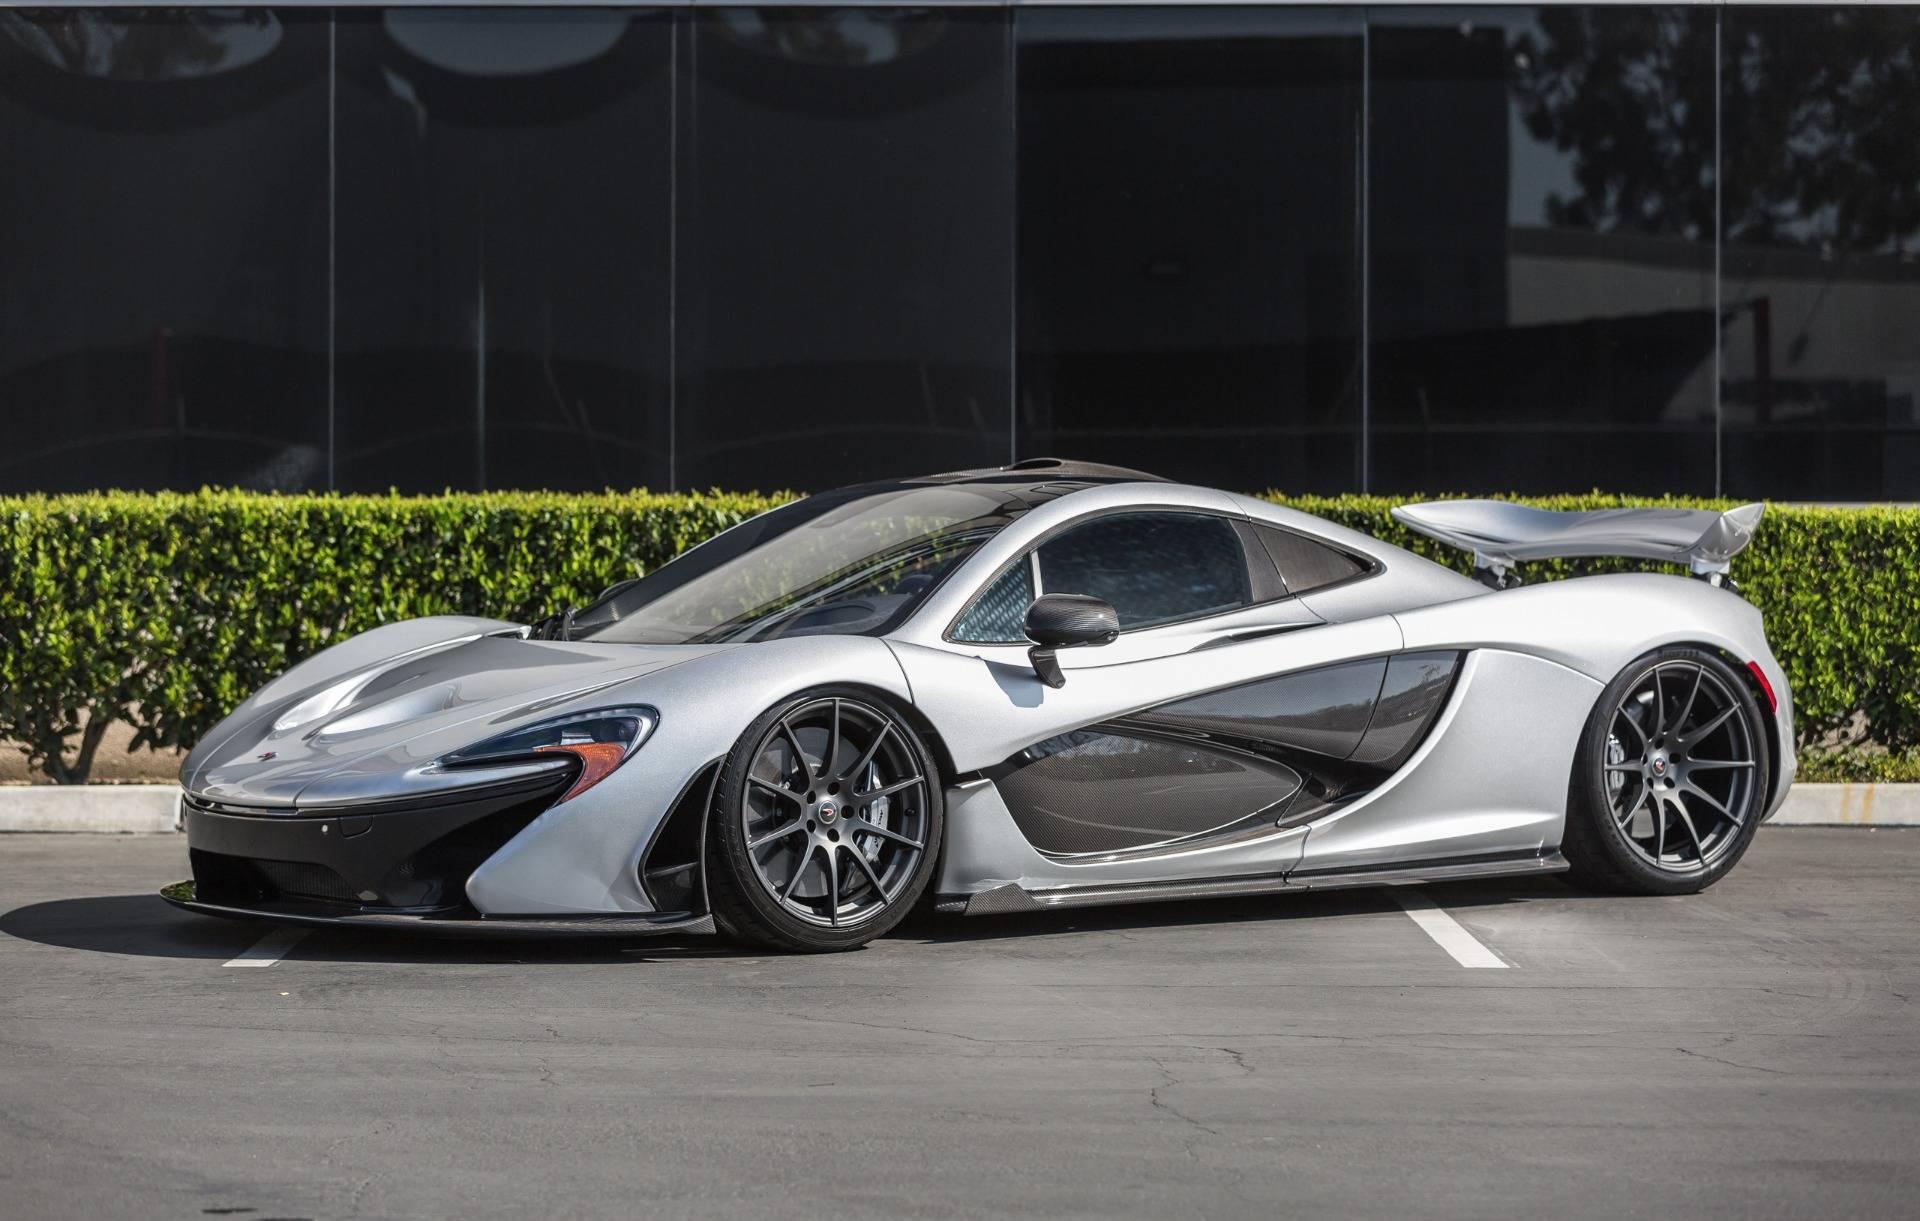 Гибридный автомобиль выпущенный ограниченным тиражом имеет всего 797 миль на одометре и оснащен множеством опций.